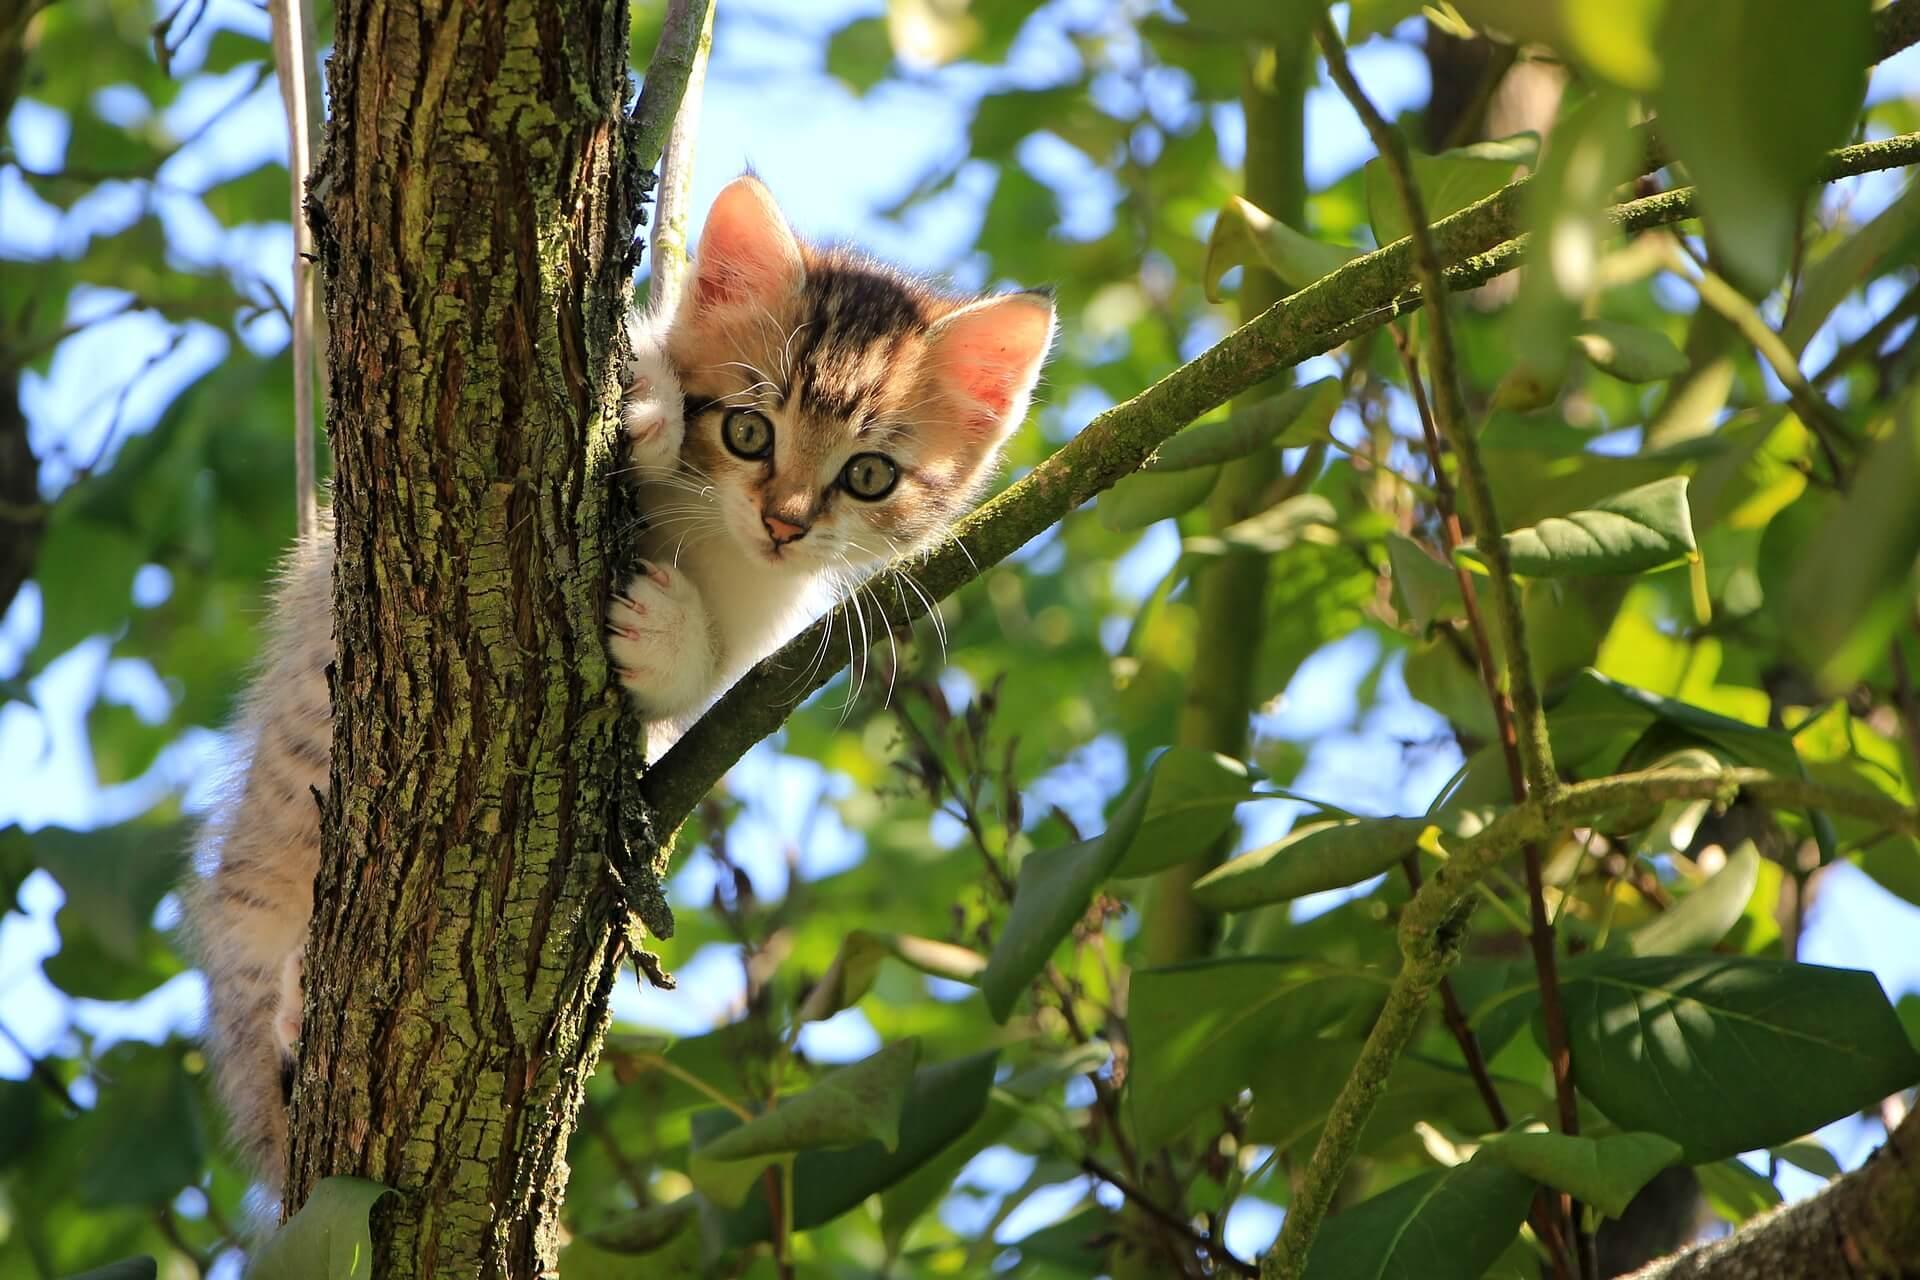 Suesse Katze klettert auf einem Baum und blickt in die Kamera